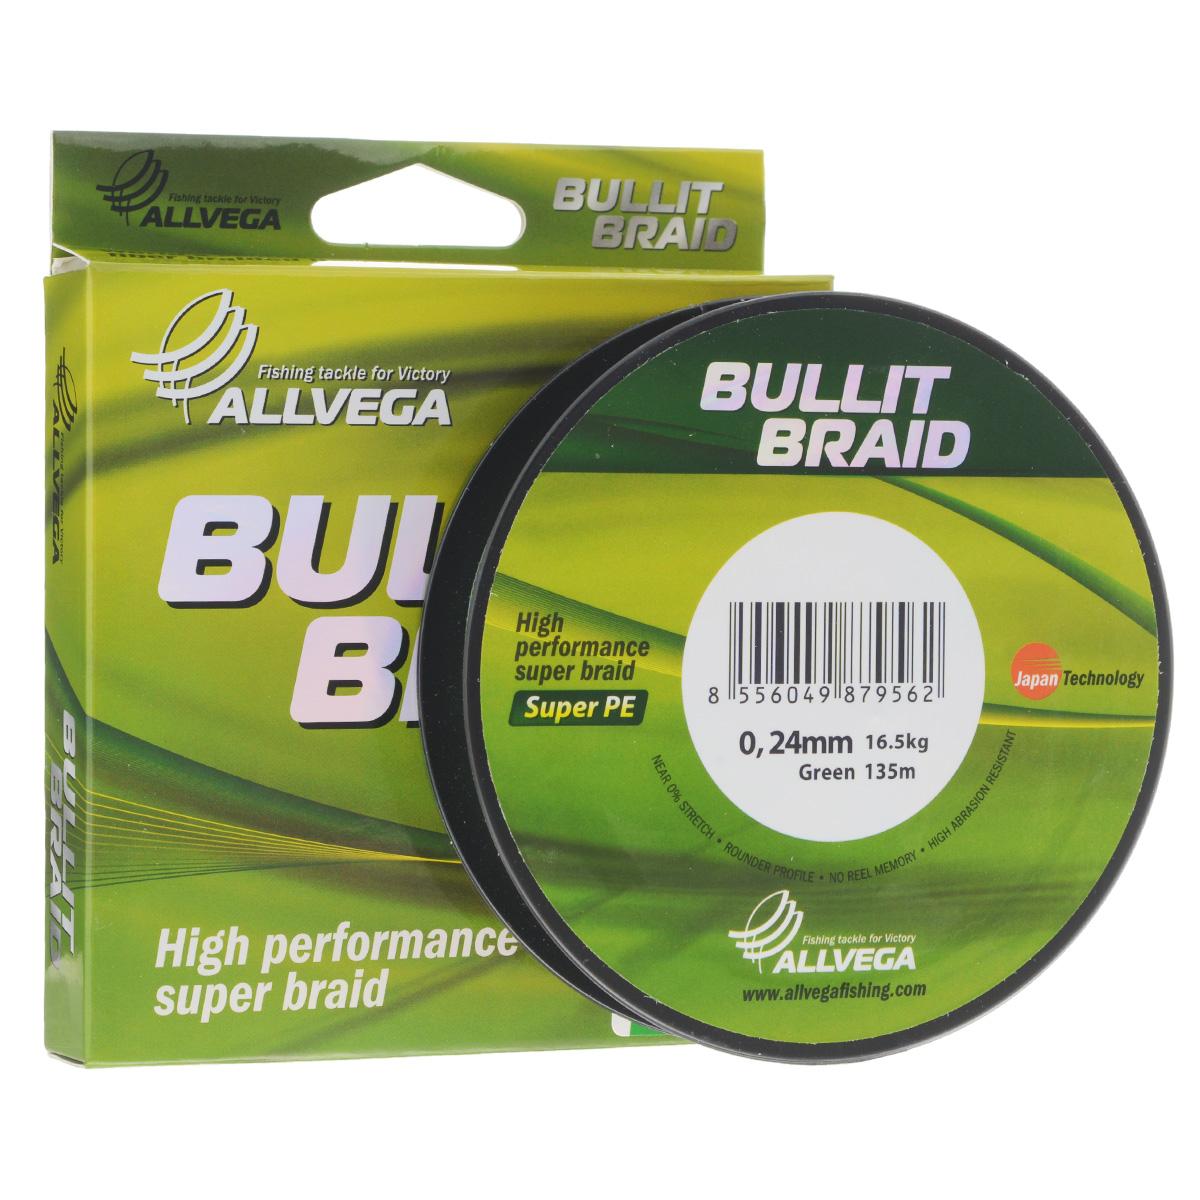 Леска плетеная Allvega Bullit Braid, цвет: темно-зеленый, 135 м, 0,24 мм, 16,5 кг51524Леска Allvega Bullit Braid с гладкой поверхностью и одинаковым сечением по всей длине обладает высокой износостойкостью. Благодаря микроволокнам полиэтилена (Super PE) леска имеет очень плотное плетение и не впитывает воду. Леску Allvega Bullit Braid можно применять в любых типах водоемов. Особенности:повышенная износостойкость;высокая чувствительность - коэффициент растяжения близок к нулю;отсутствует память; идеально гладкая поверхность позволяет увеличить дальность забросов; высокая прочность шнура на узлах.